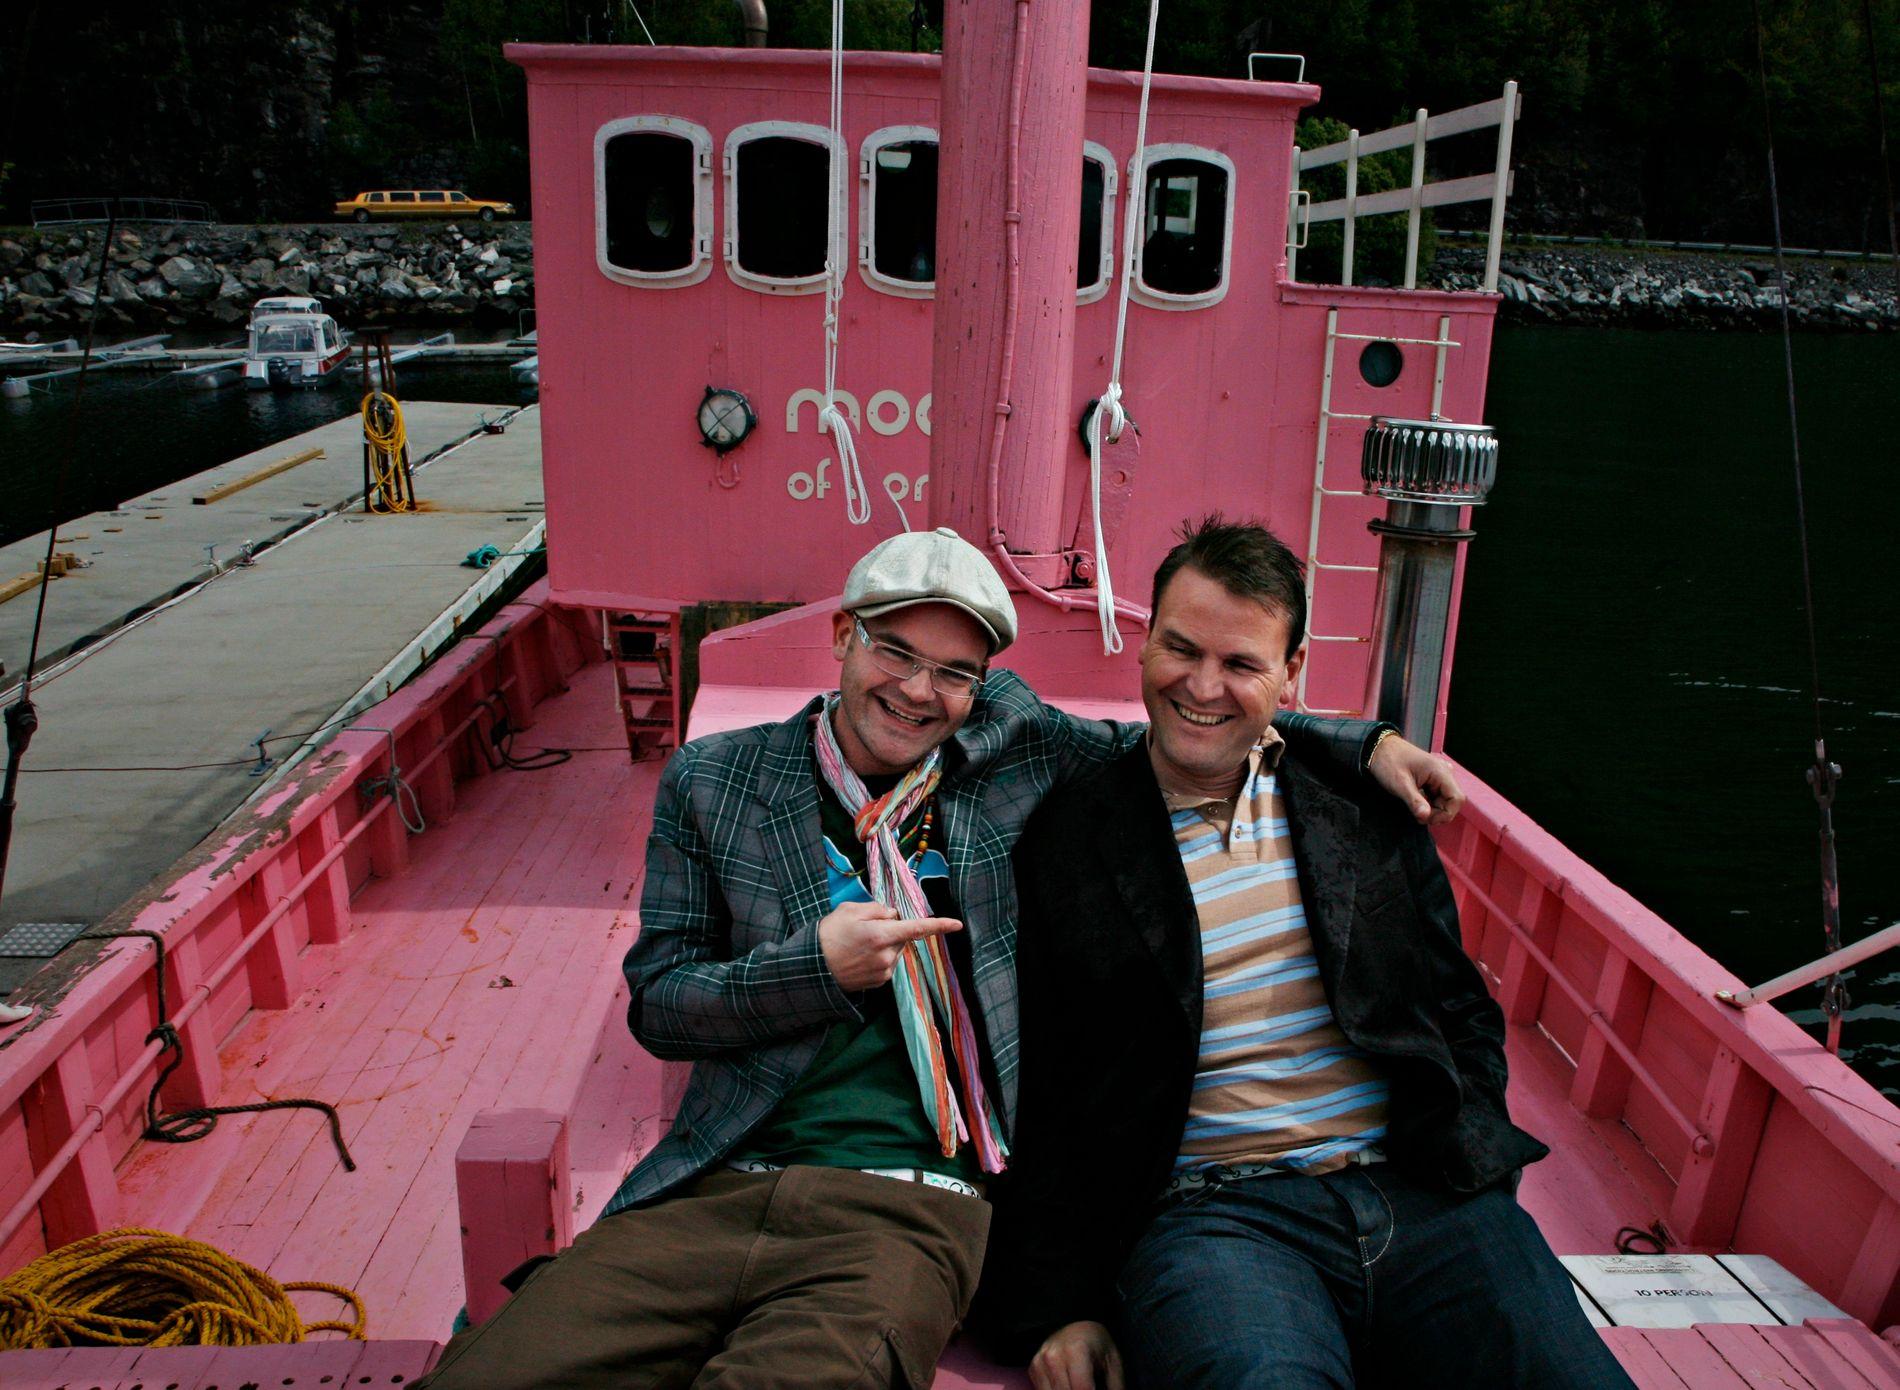 1f3a9dbd Han og medaksjonær Simen Staalnacke tar ut 1,7 millioner hver i utbytte fra  Moods of Norway. ARKIVFOTO: Oddleiv Apneseth